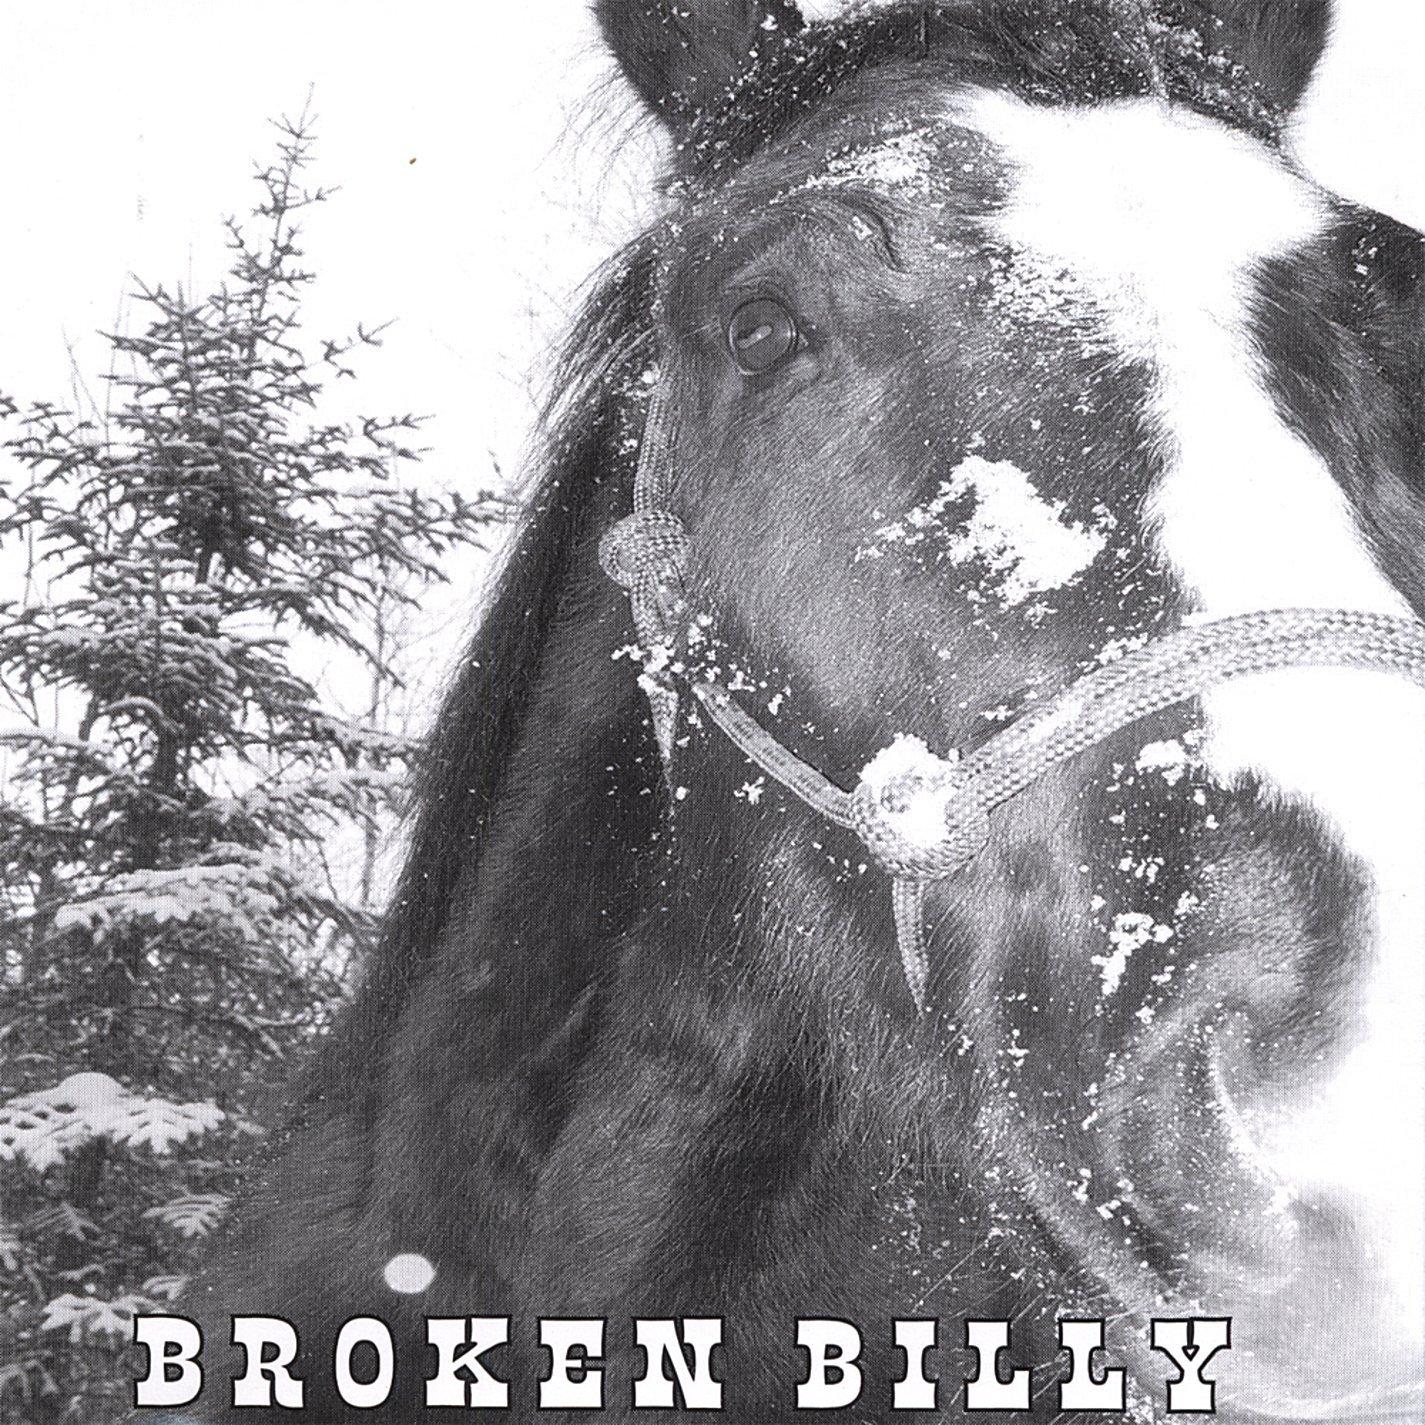 BROKEN BILLY  CD - $6.99